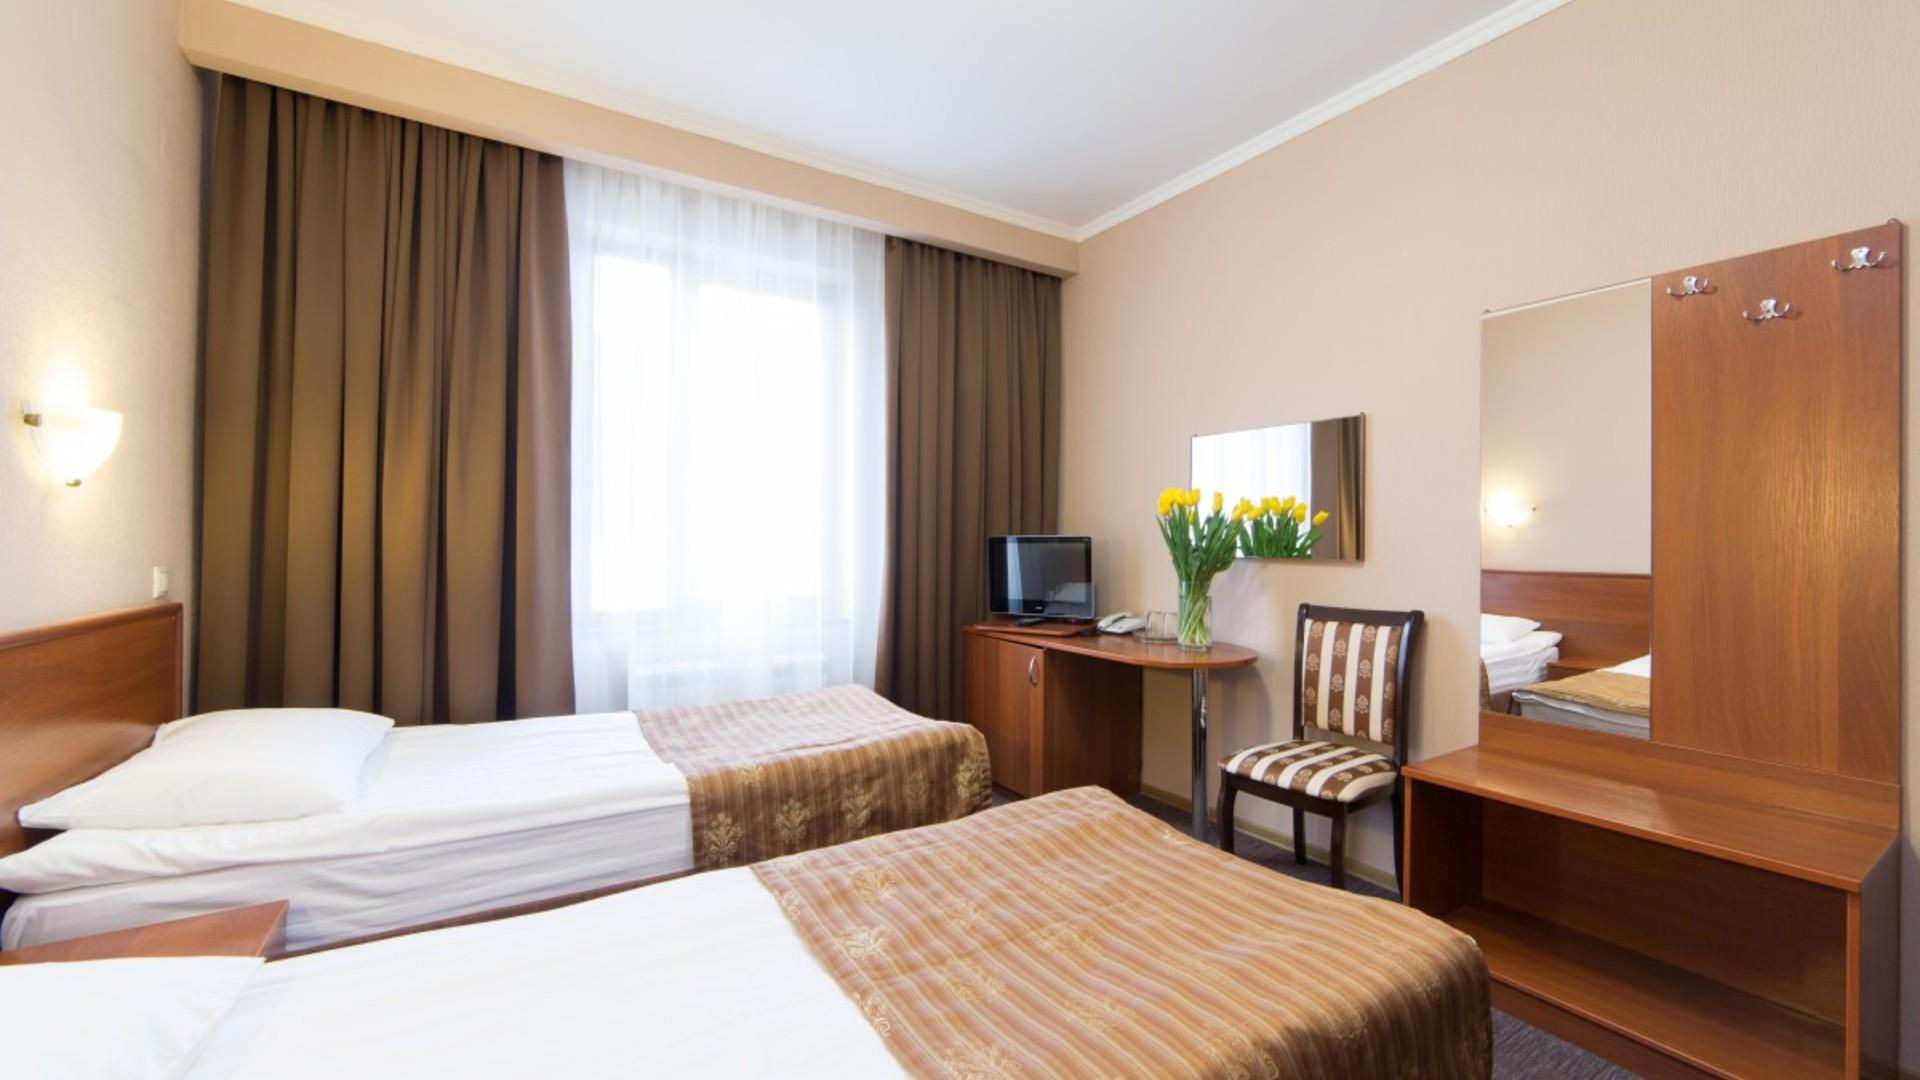 Катя отель турция фото роу